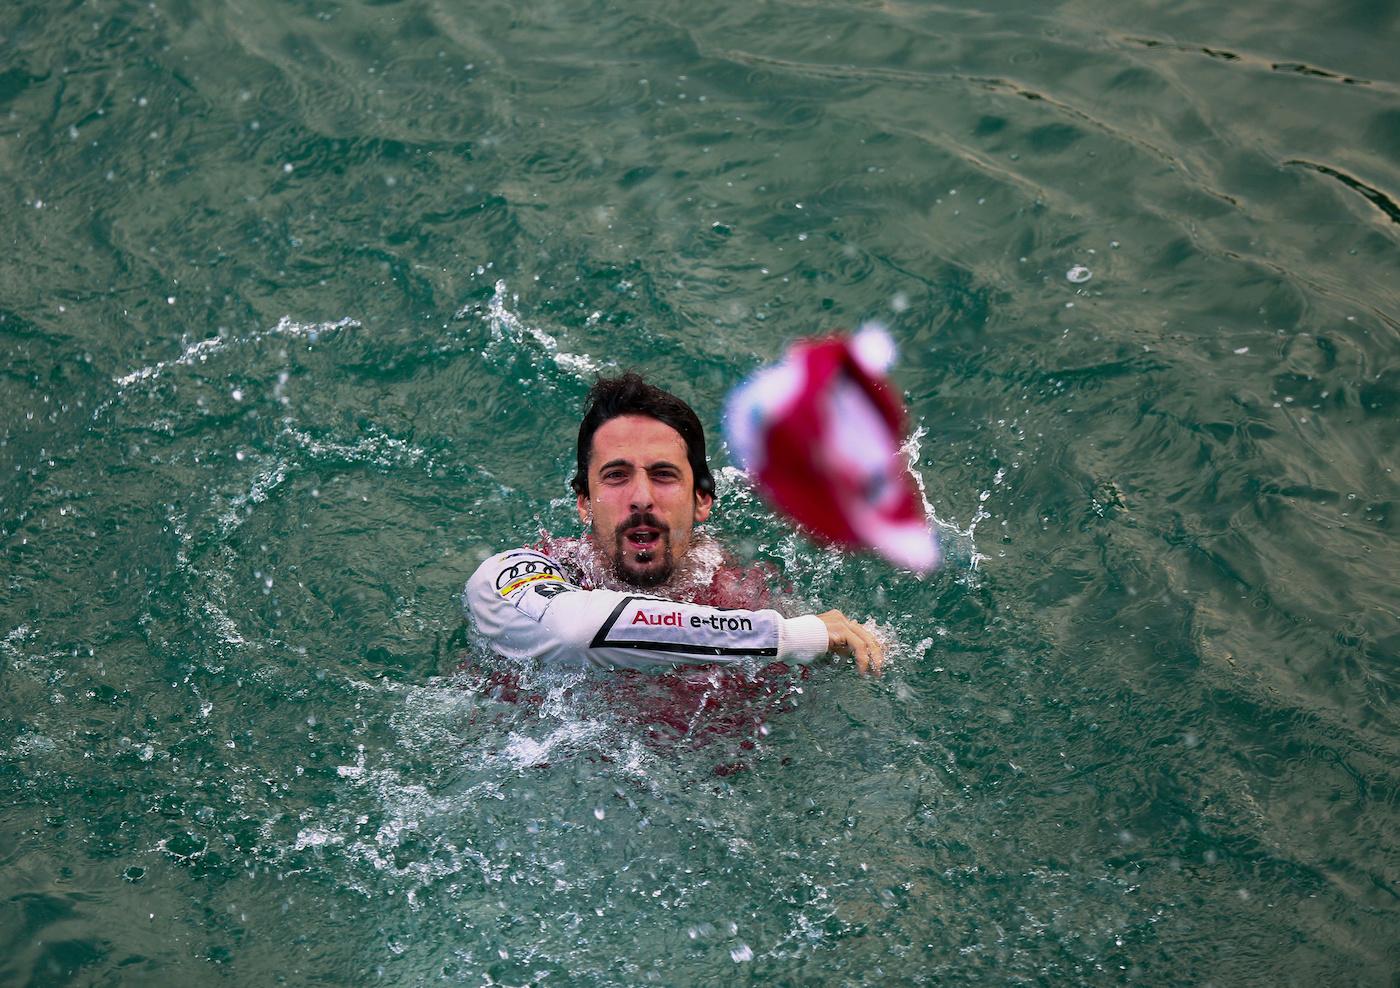 Zürich-Sieger di Grassi sprang vor Freude in den Zürichsee. (AUDI)